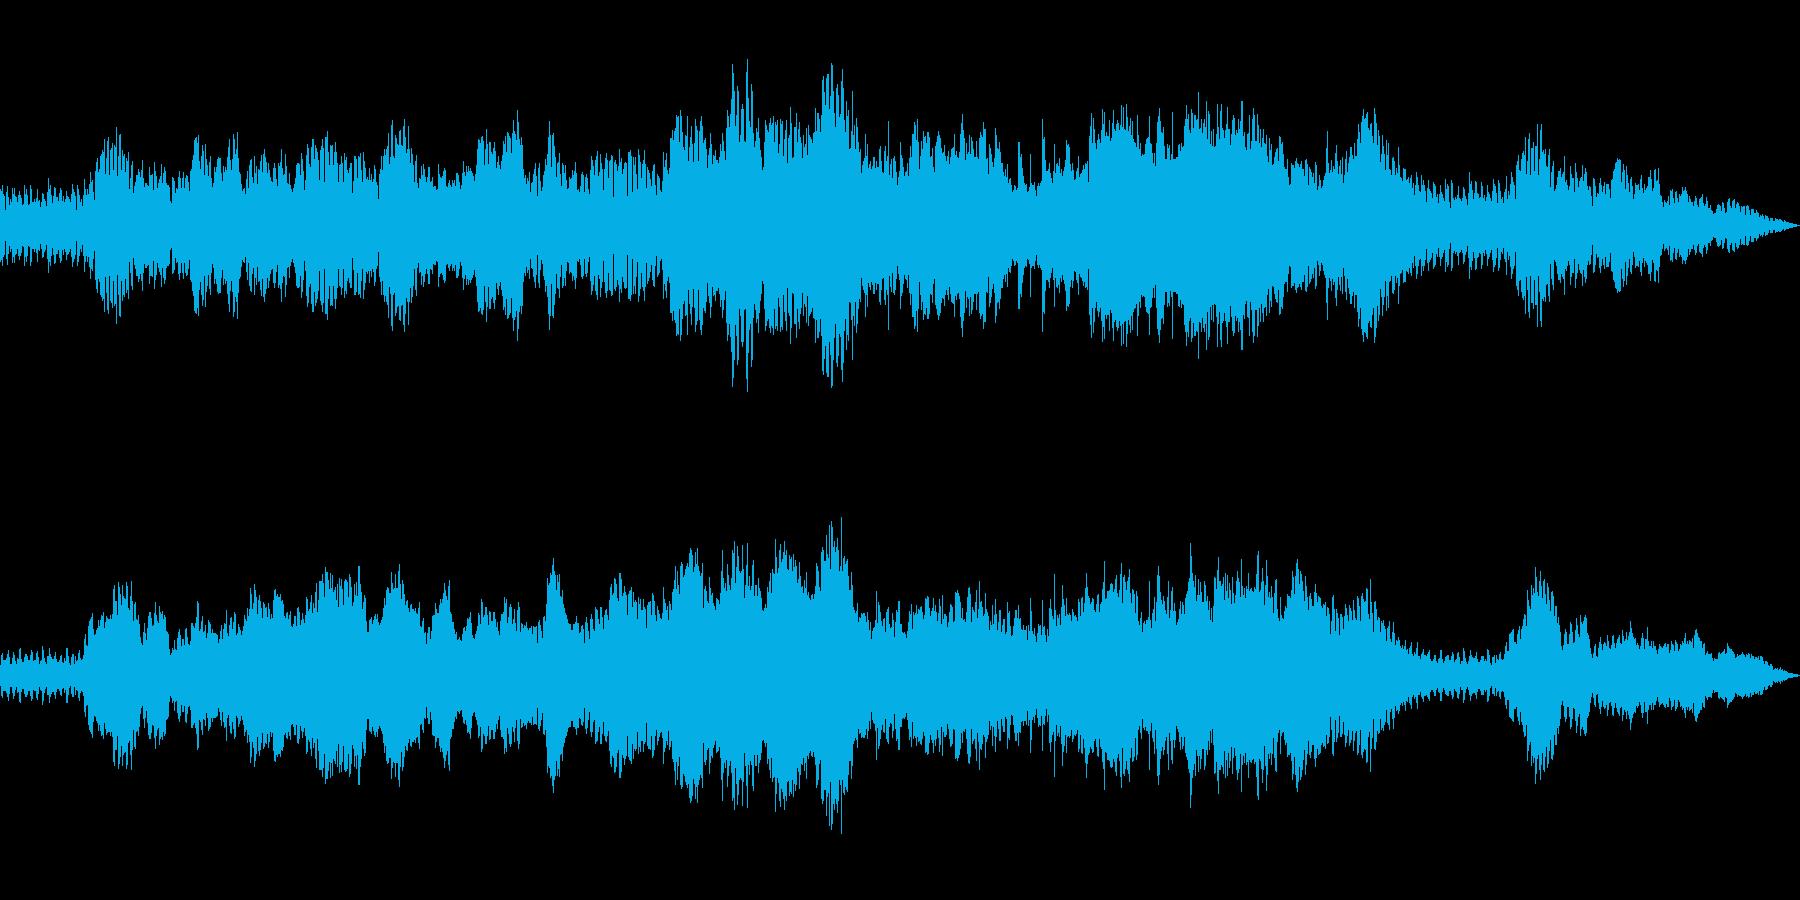 謎解きゲームのOP風BGMの再生済みの波形